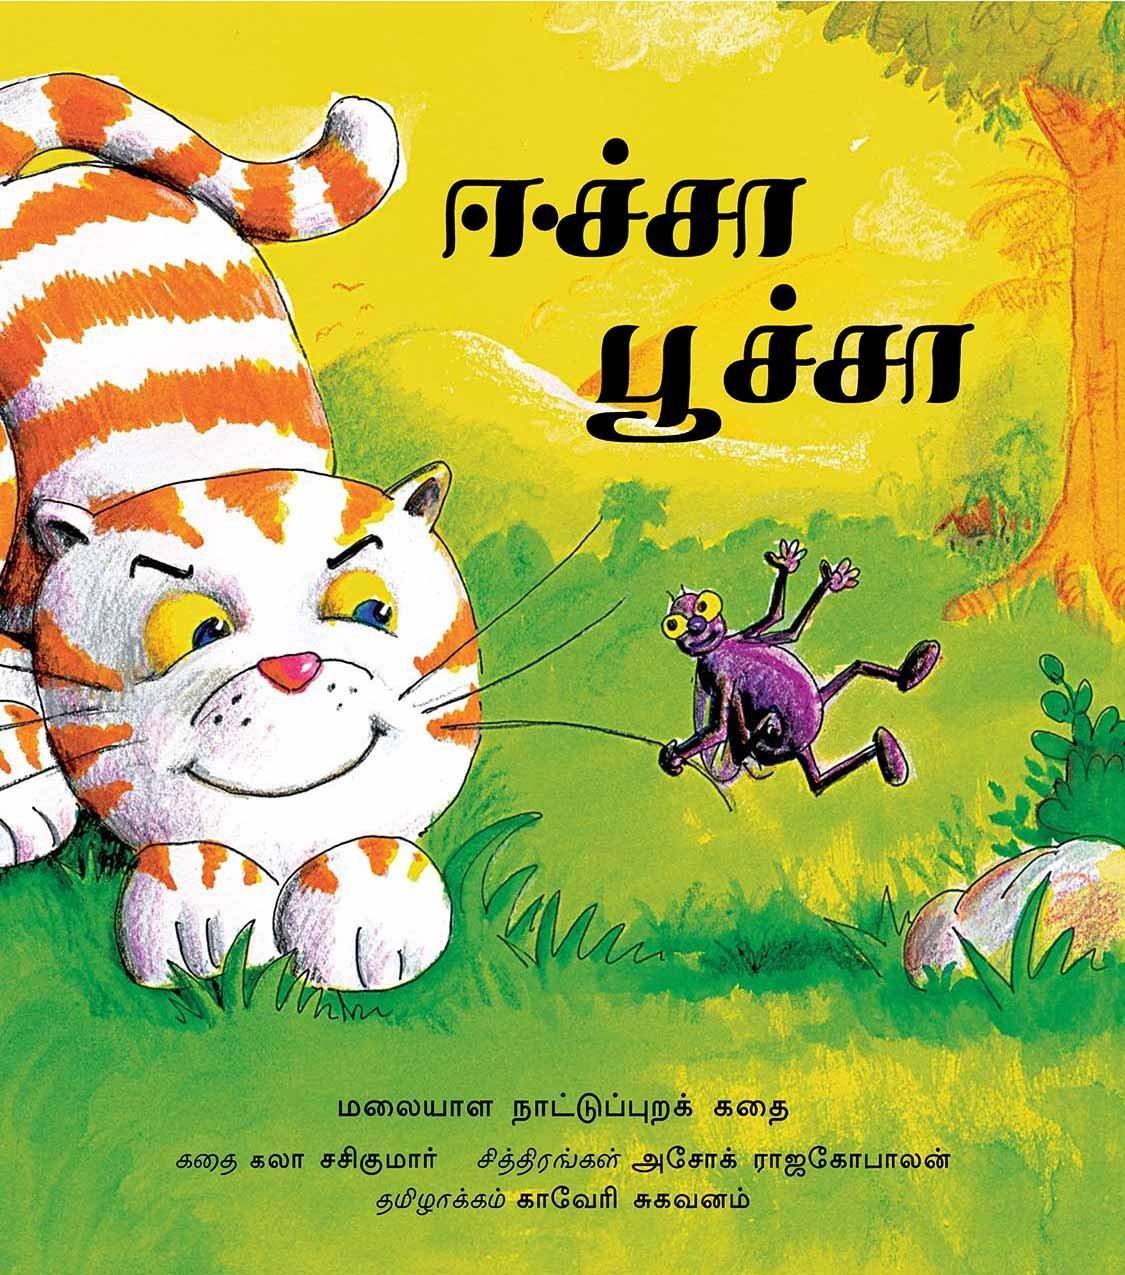 Eecha Poocha / Eecha Poocha (tamil) Wordbird Books Age_3+ Isbn: 8185229287 By Zakatha.